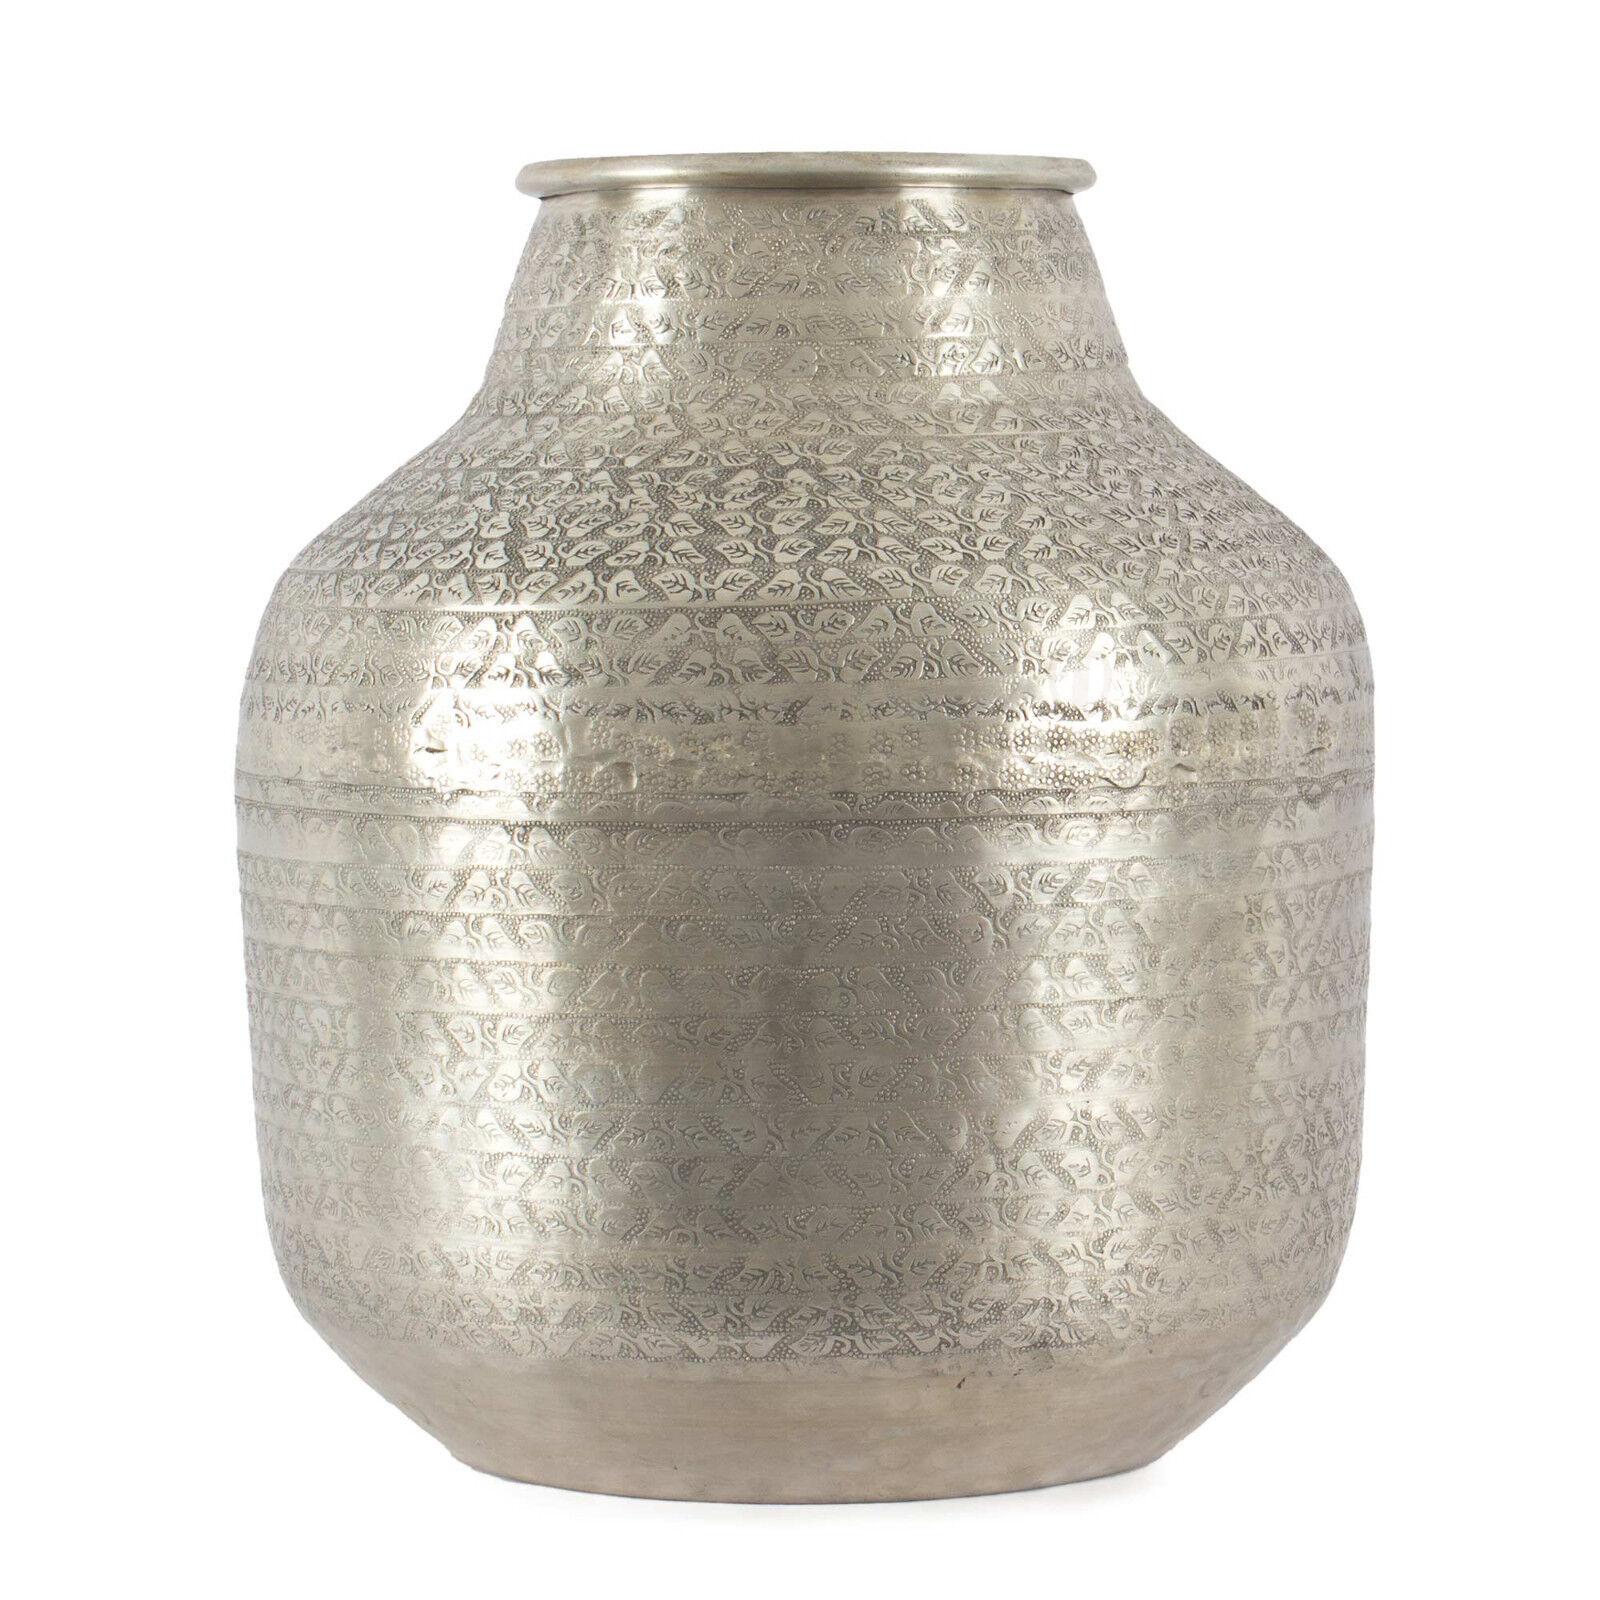 Gefäß Aluminium Used-Look 38,5 cm   Dekoration, Dekoobjekt, Krug, Vase